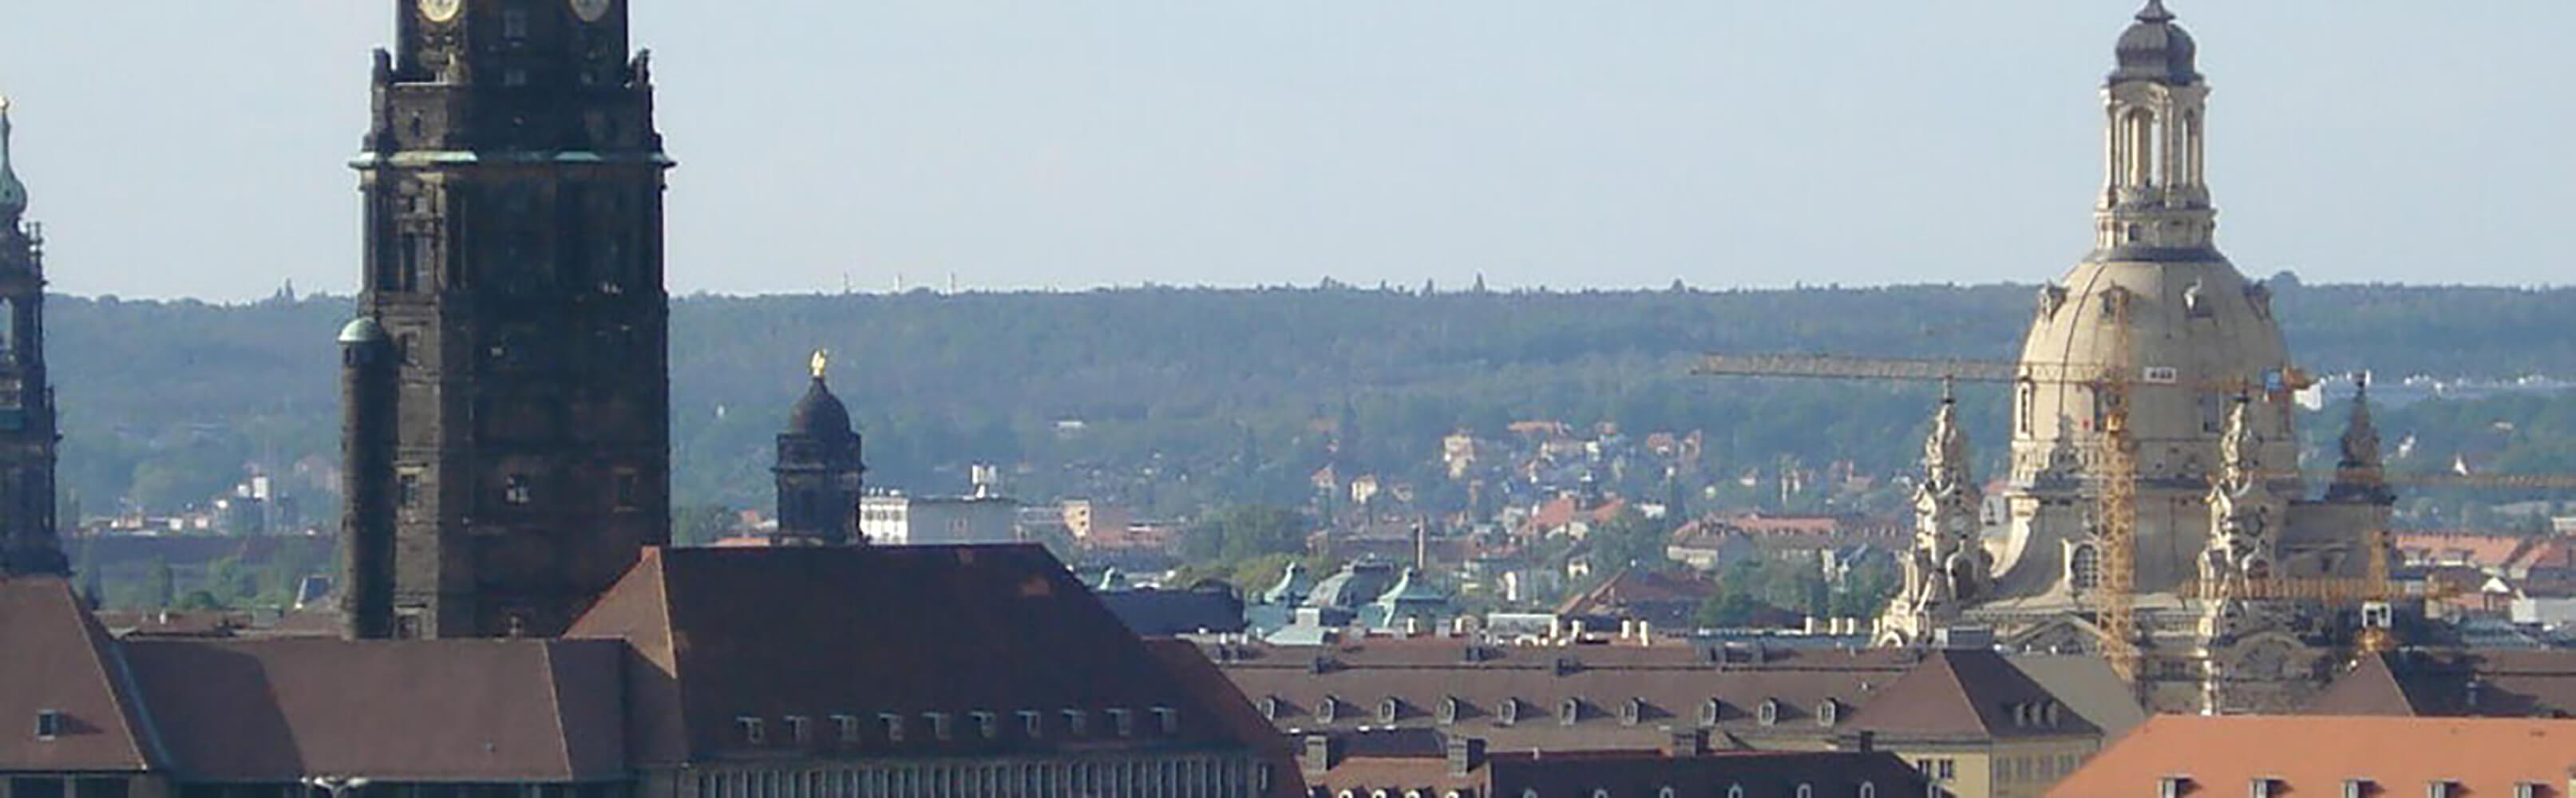 Frauenkirche (Dresden) 1